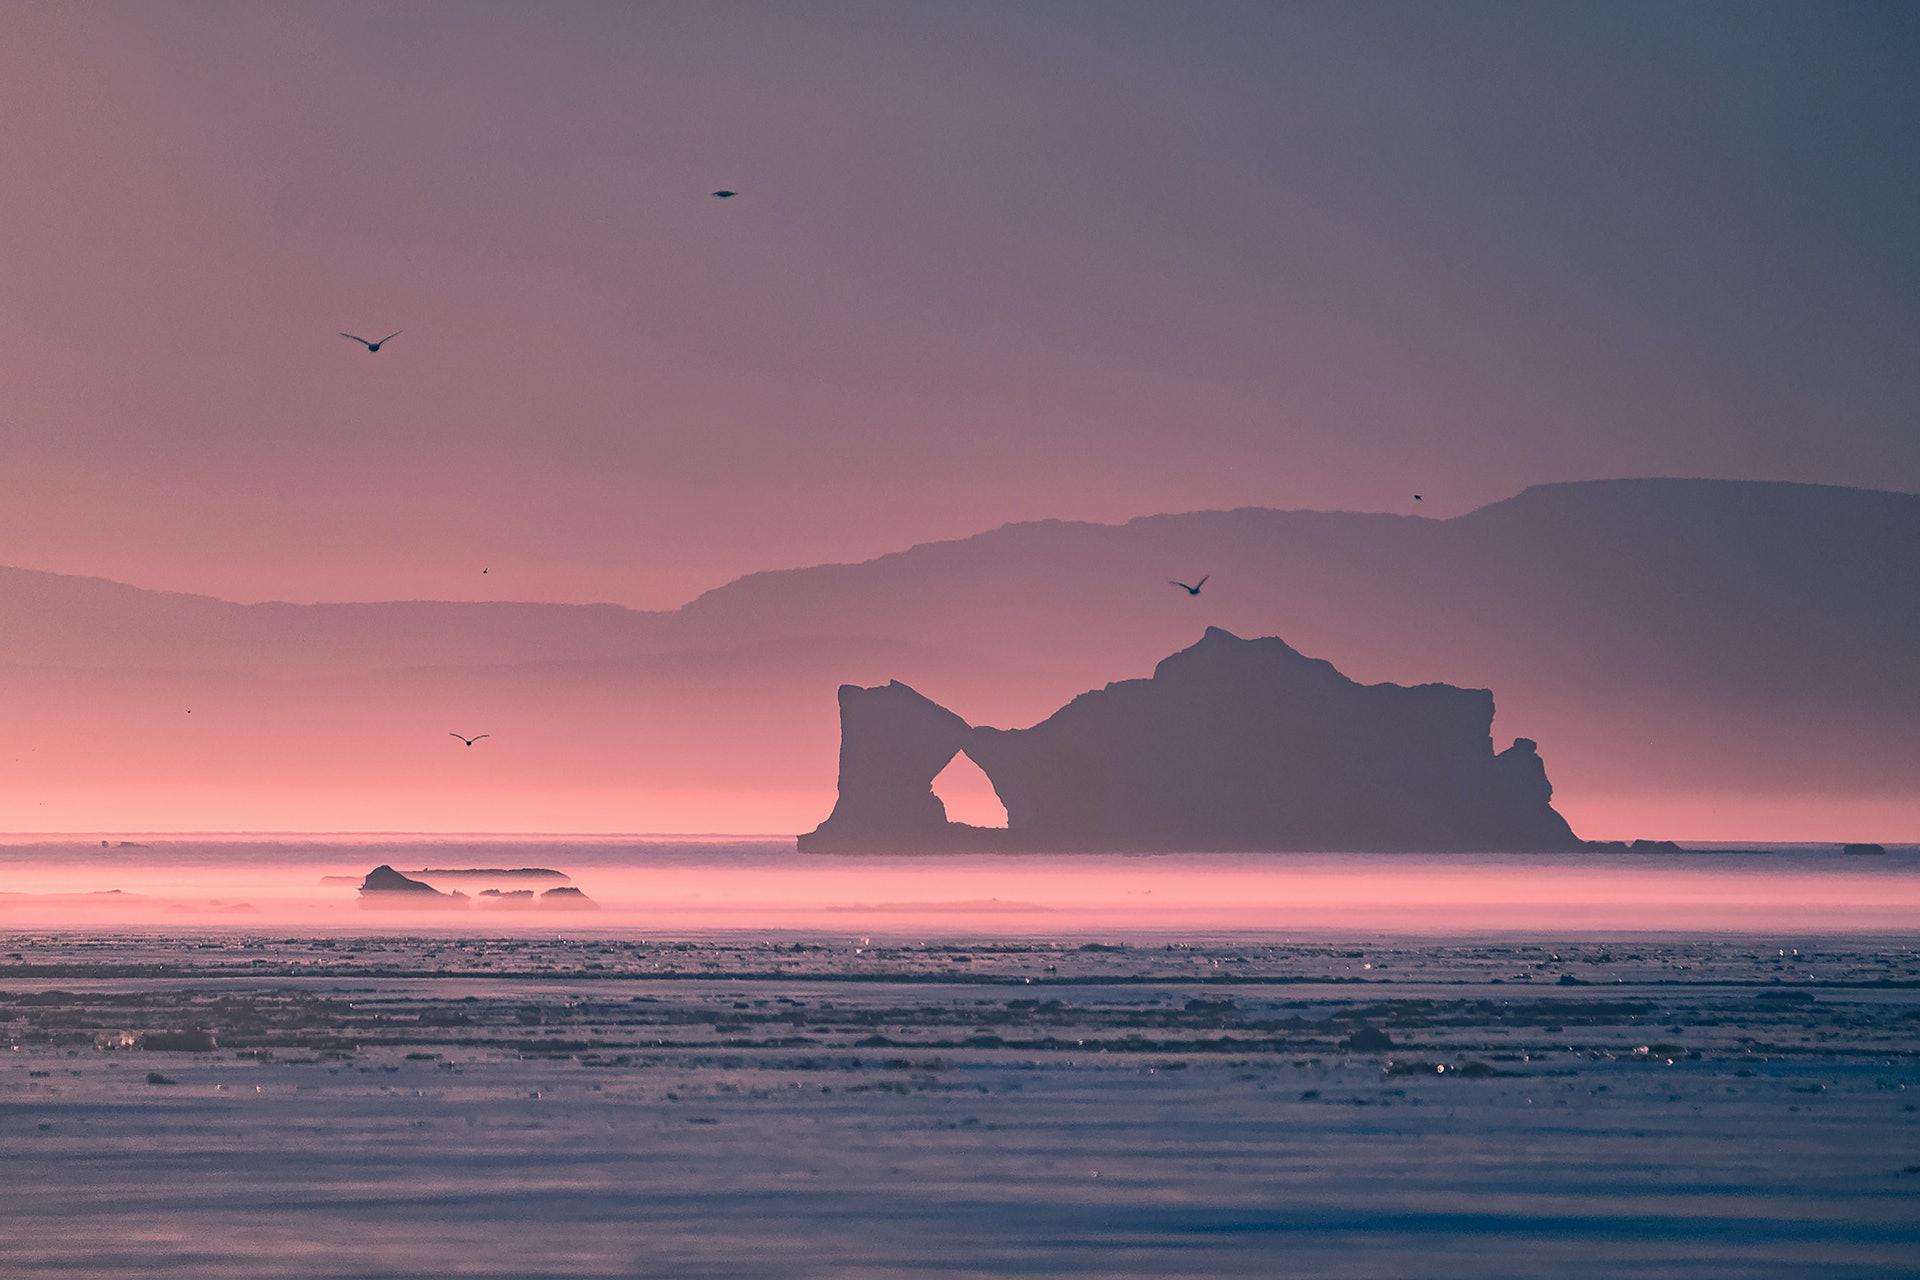 GREENLAND_Ilulissat_Icefjord_melting_iceberg_by_Maria_Sahai